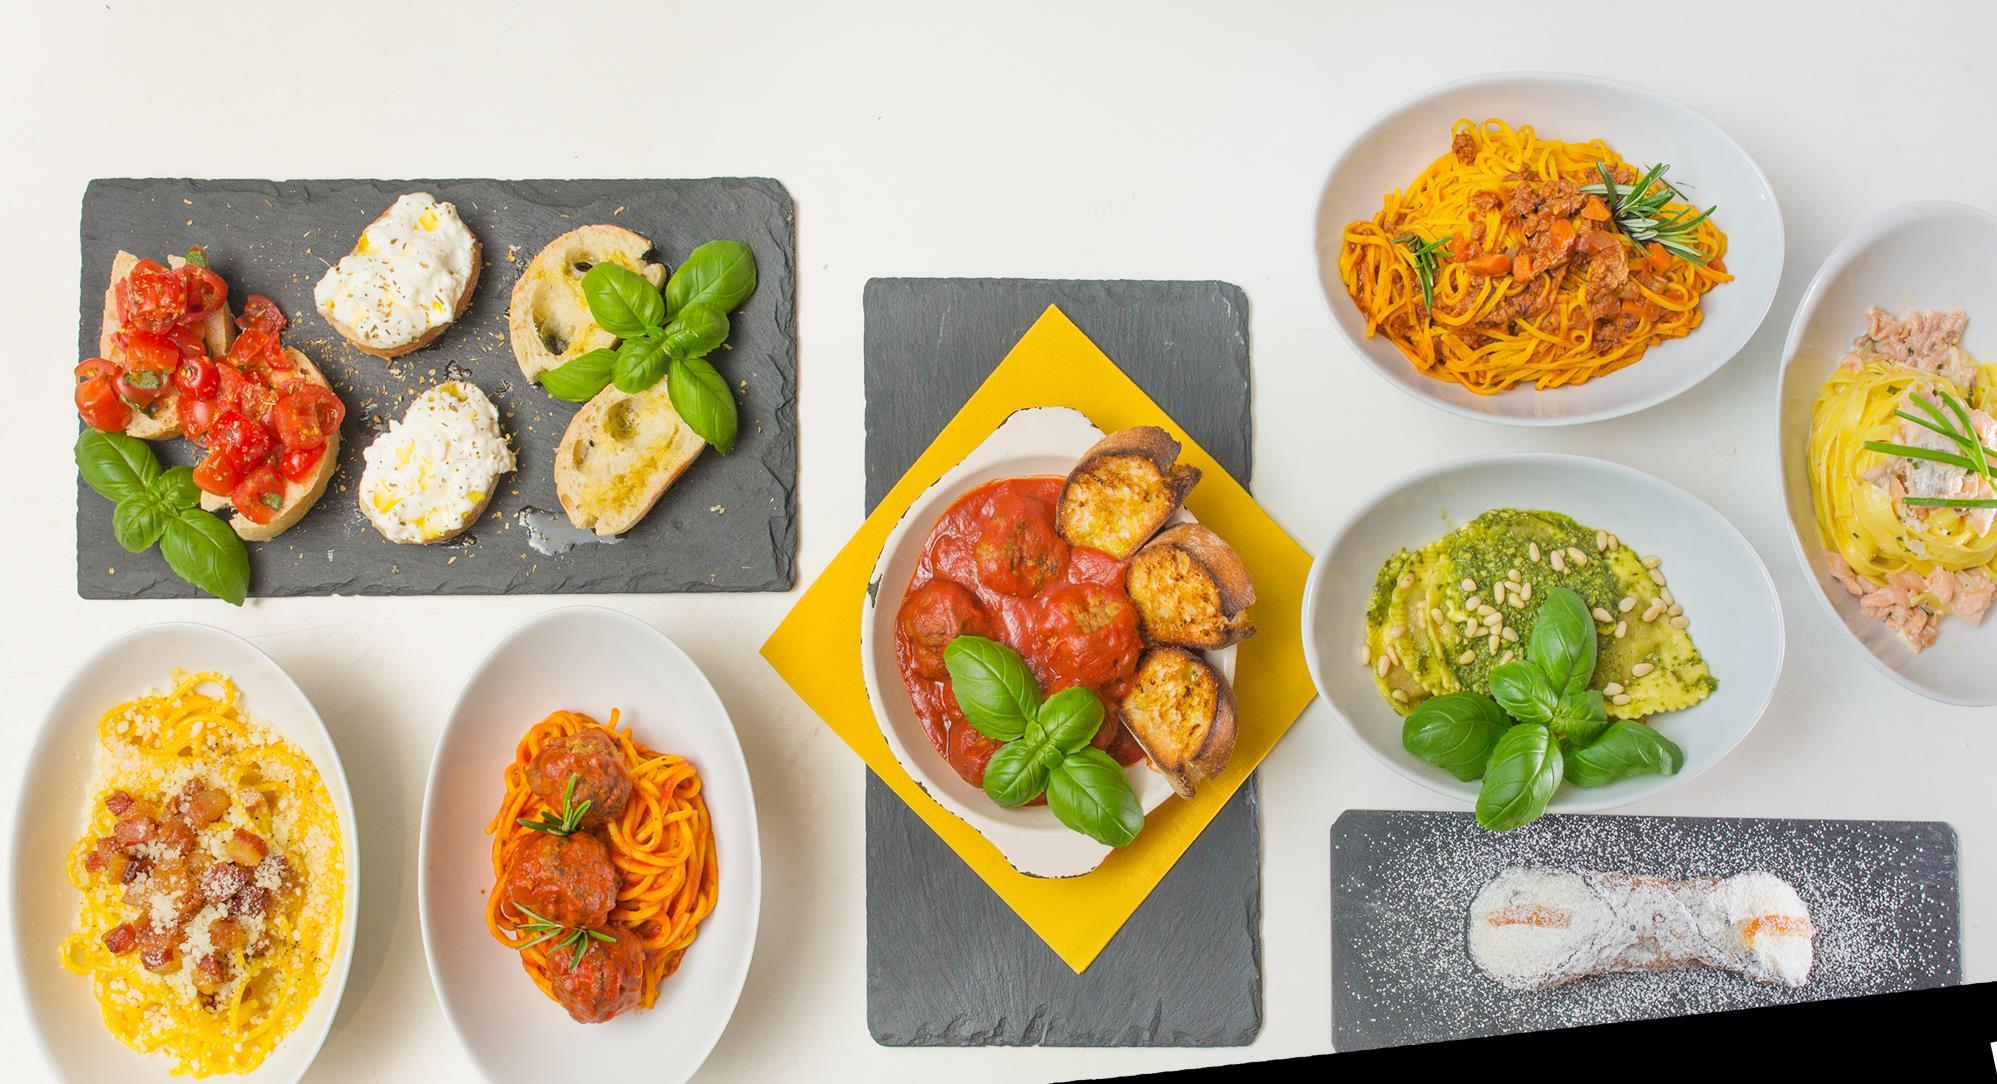 Image of Savure food